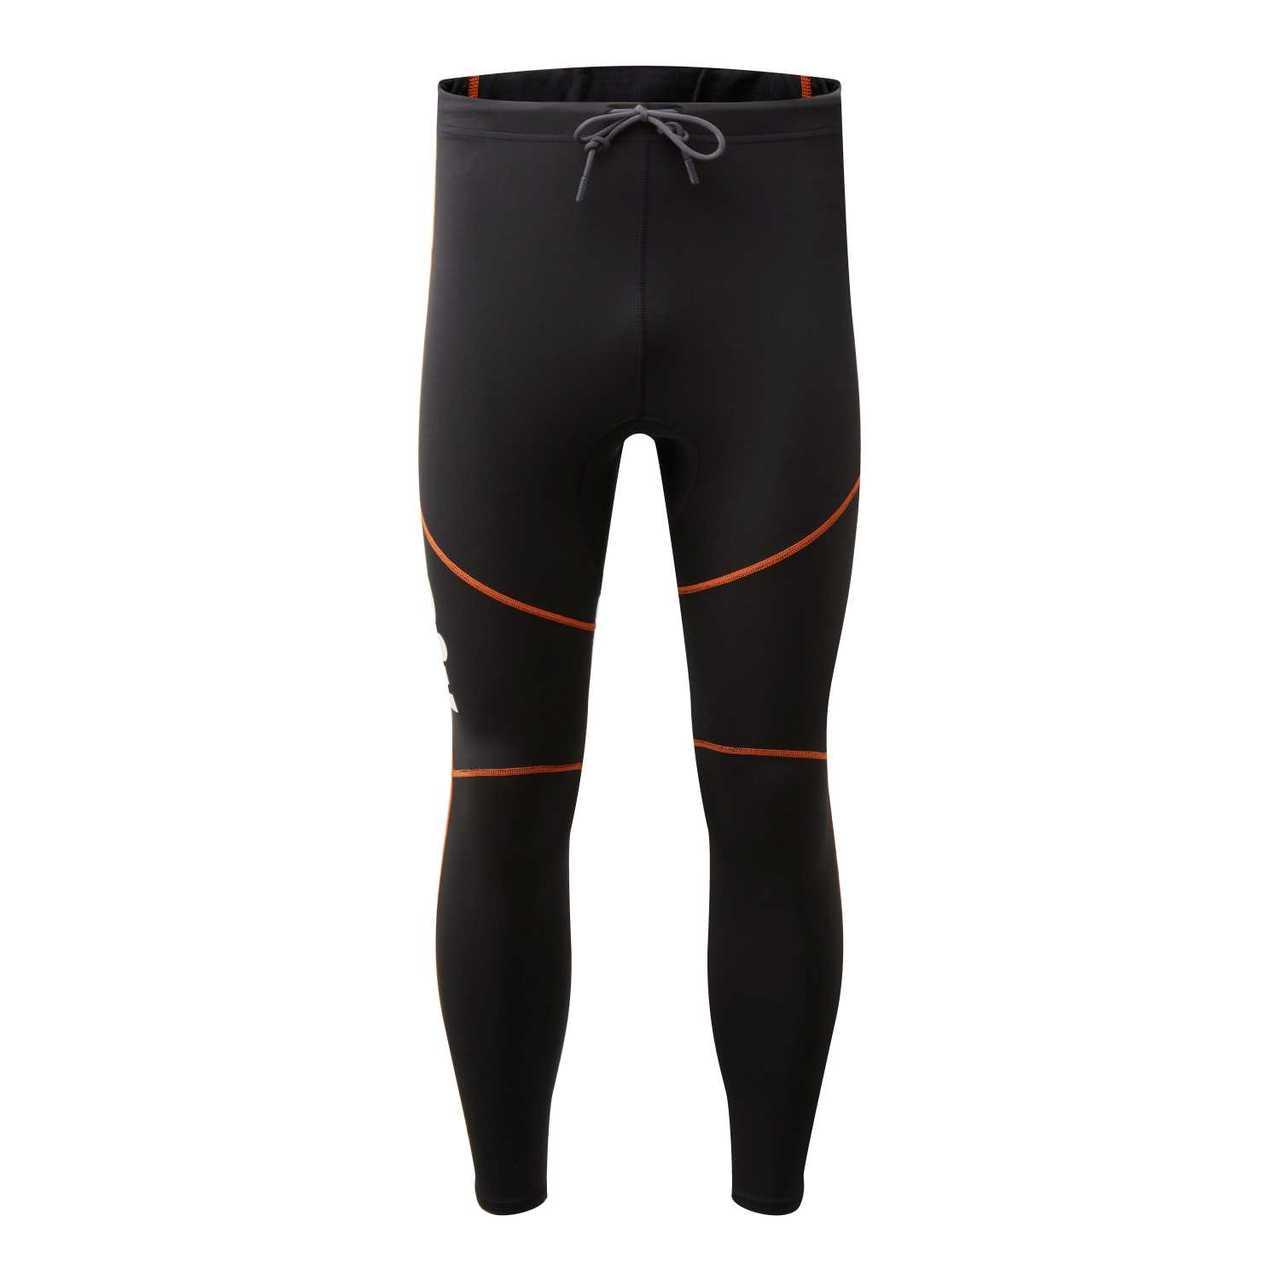 gill-mens-hydrophobe-trouser-5007-1-56966.1579561544.jpg